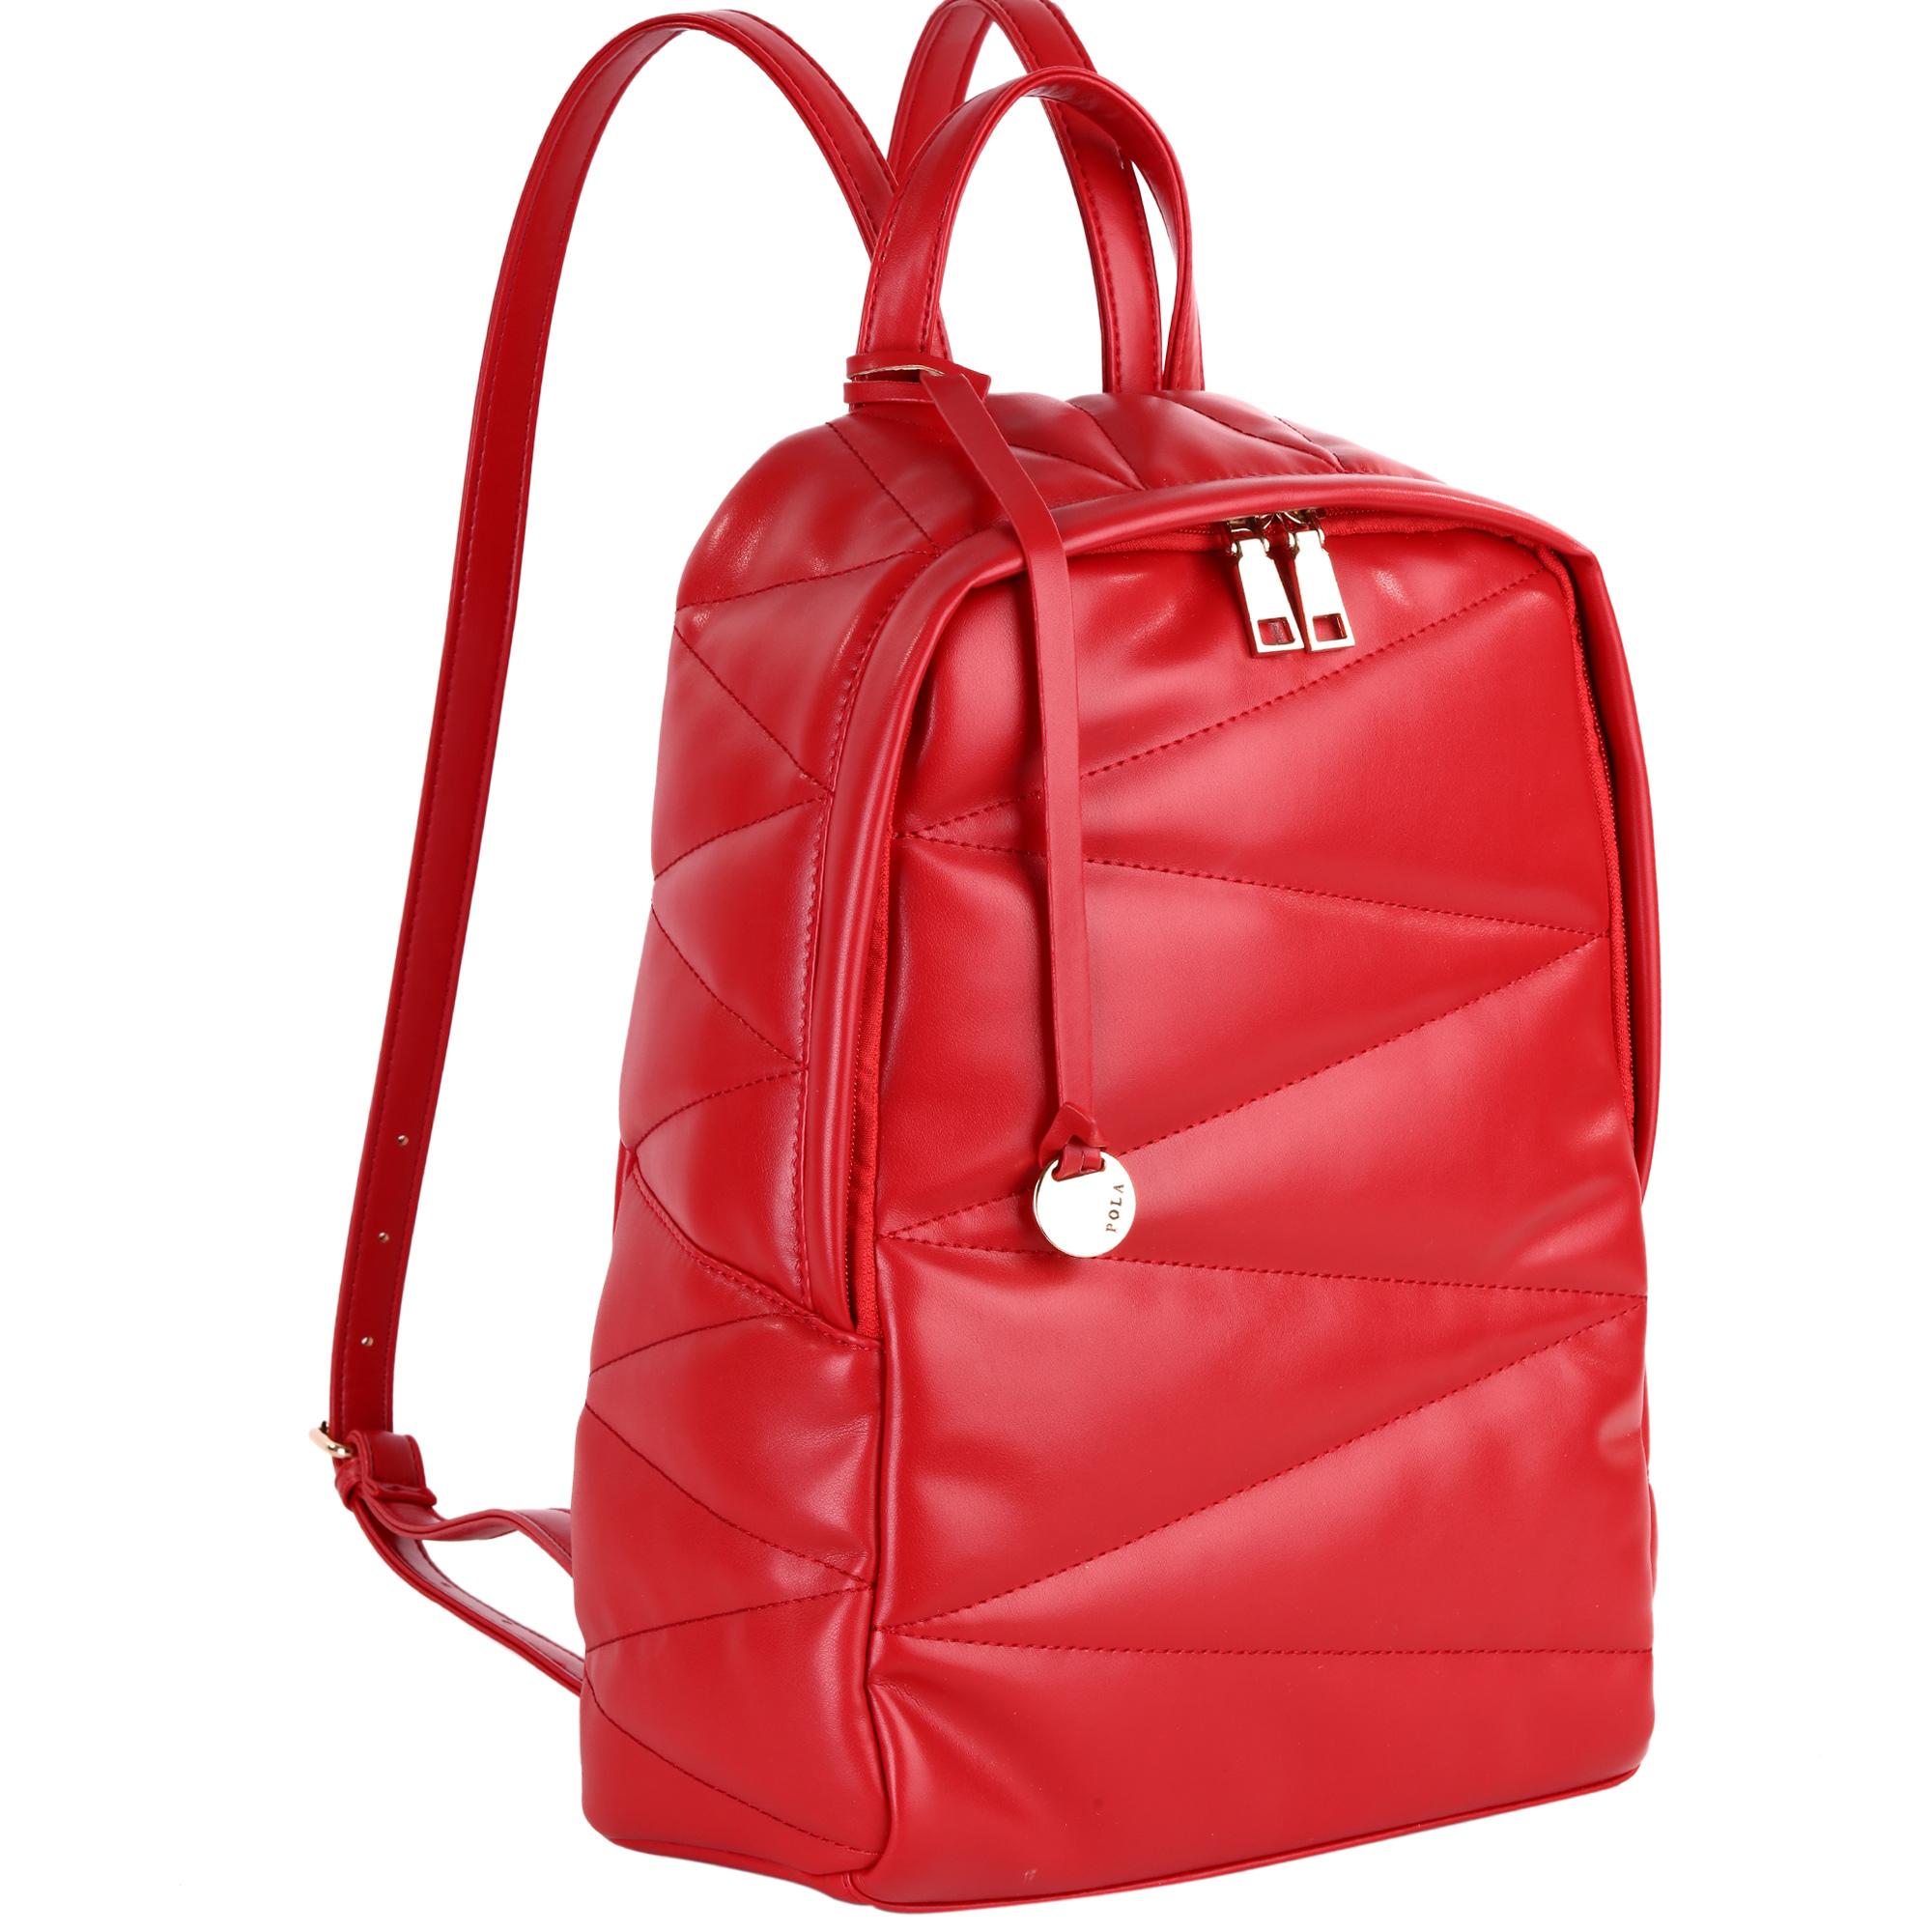 Рюкзак женский Pola, цвет: красный. 4411S76245Женский рюкзак Pola очень практичен в повседневном использовании. Основное отделение закрывается на молнию. Внутри - два кармана на молнии и два открытых кармашка. На задней стенке расположен карман на молнии. Лямки регулируются по длине. Сверху имеется ручка для переноски. Цвет фурнитуры - золото. Эта универсальная модель идеально подойдет как для путешествий, так и для учебы или работы, а так же позволит вам взять с собой все самое необходимое.